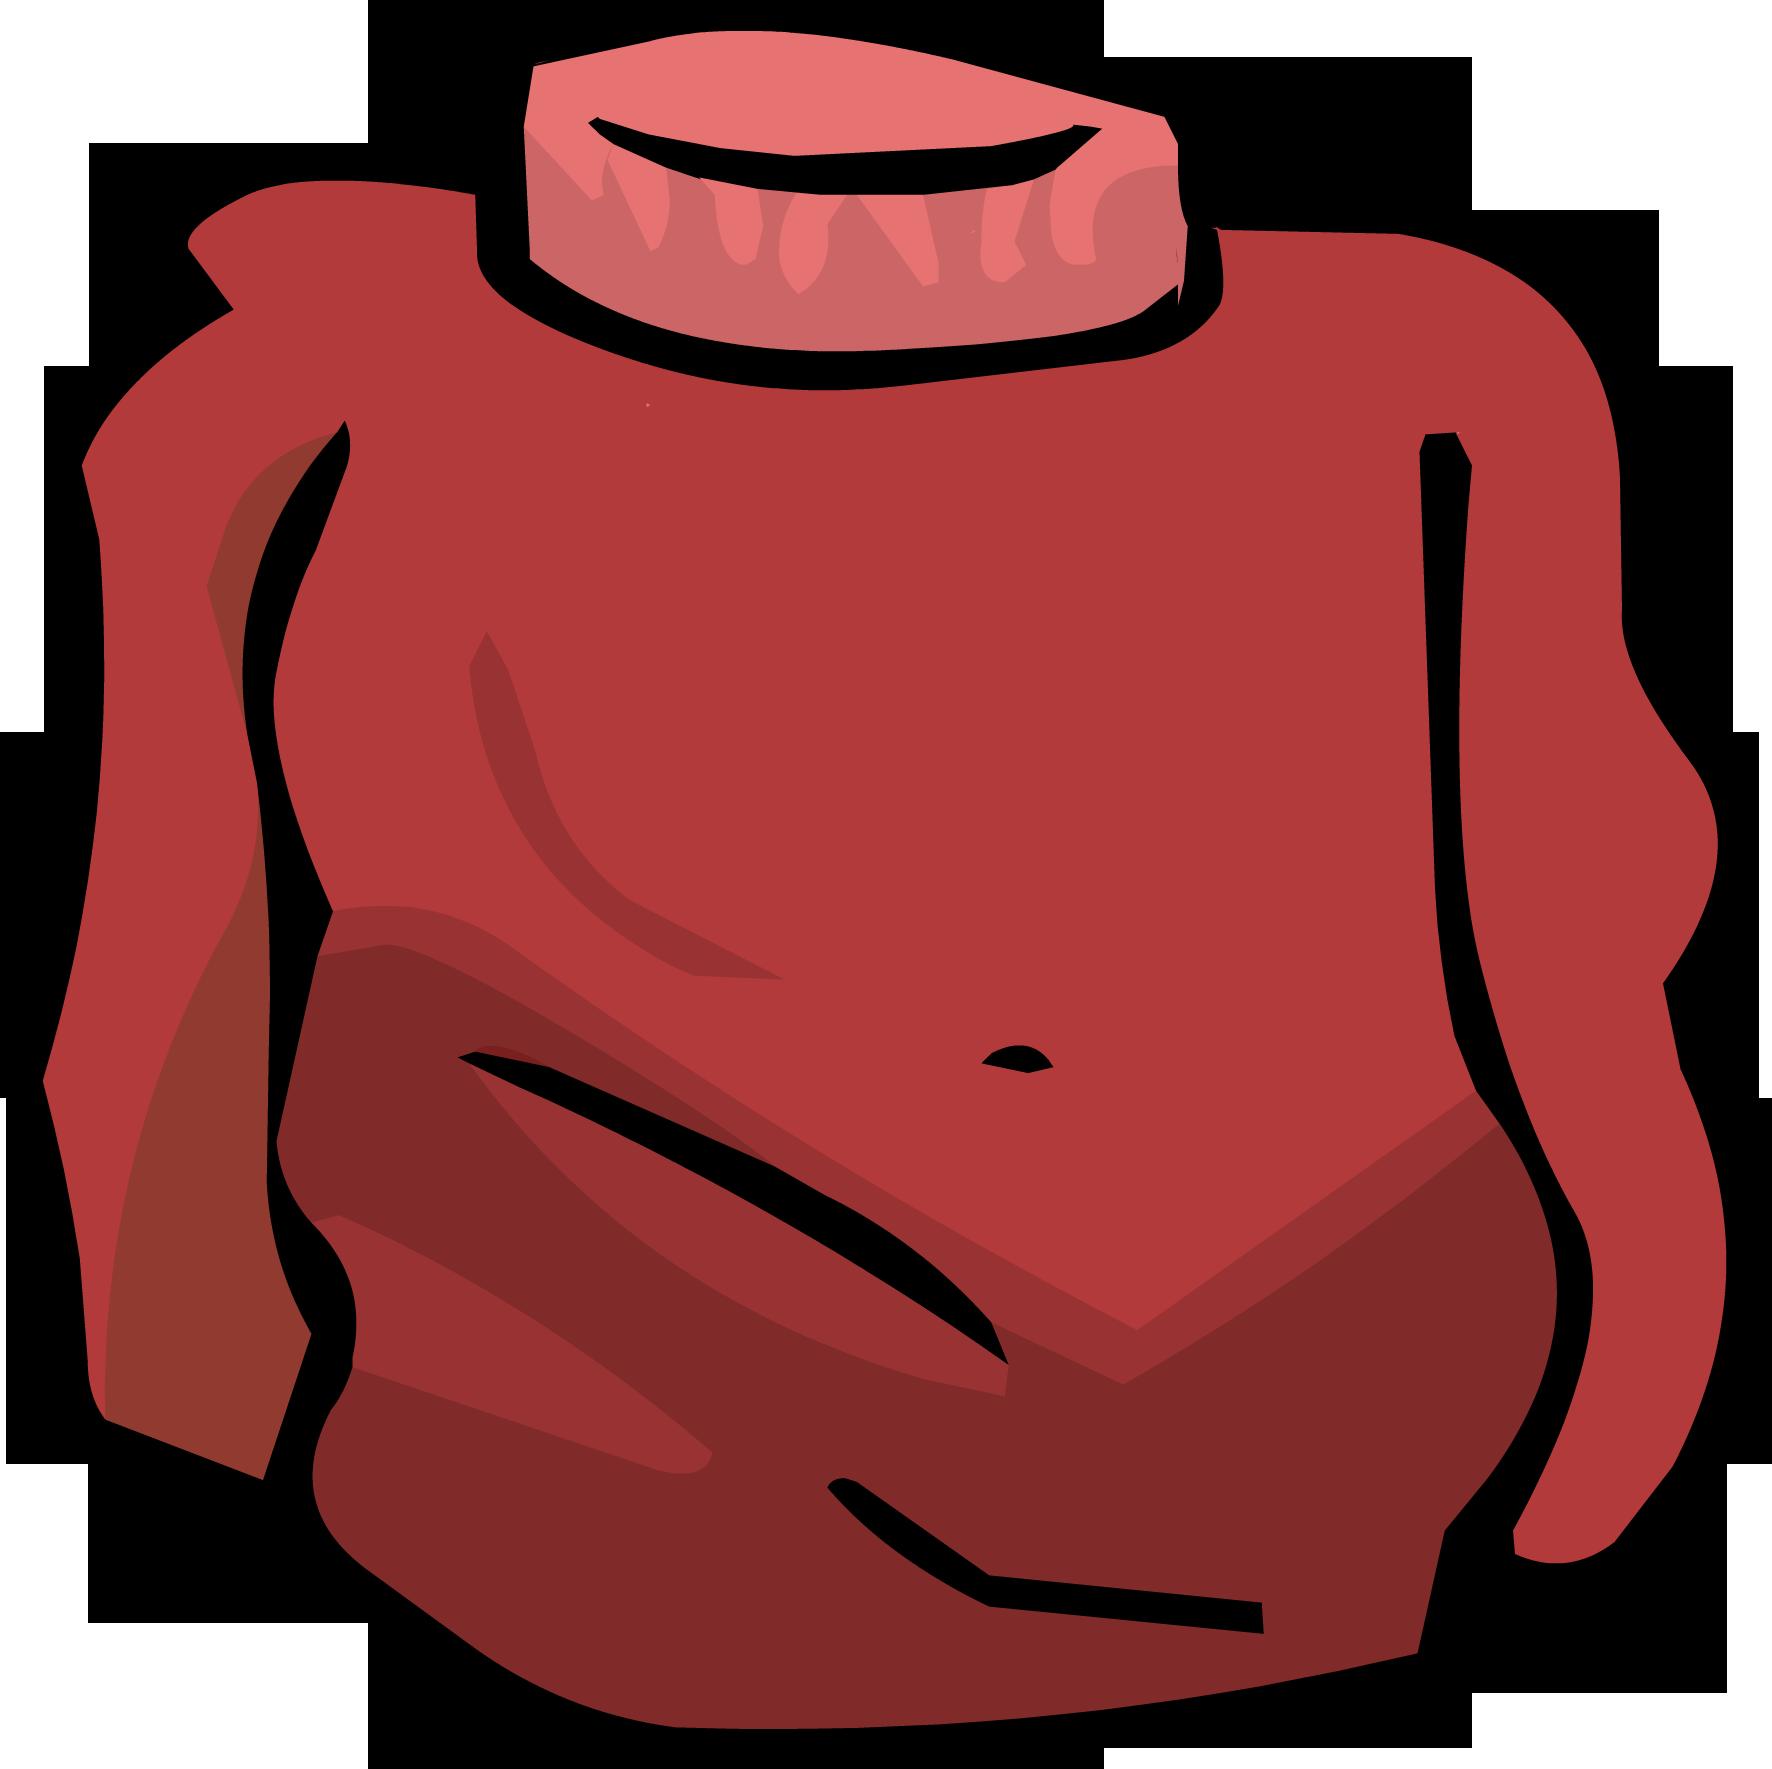 Sweatshirt clipart turtleneck, Sweatshirt turtleneck.